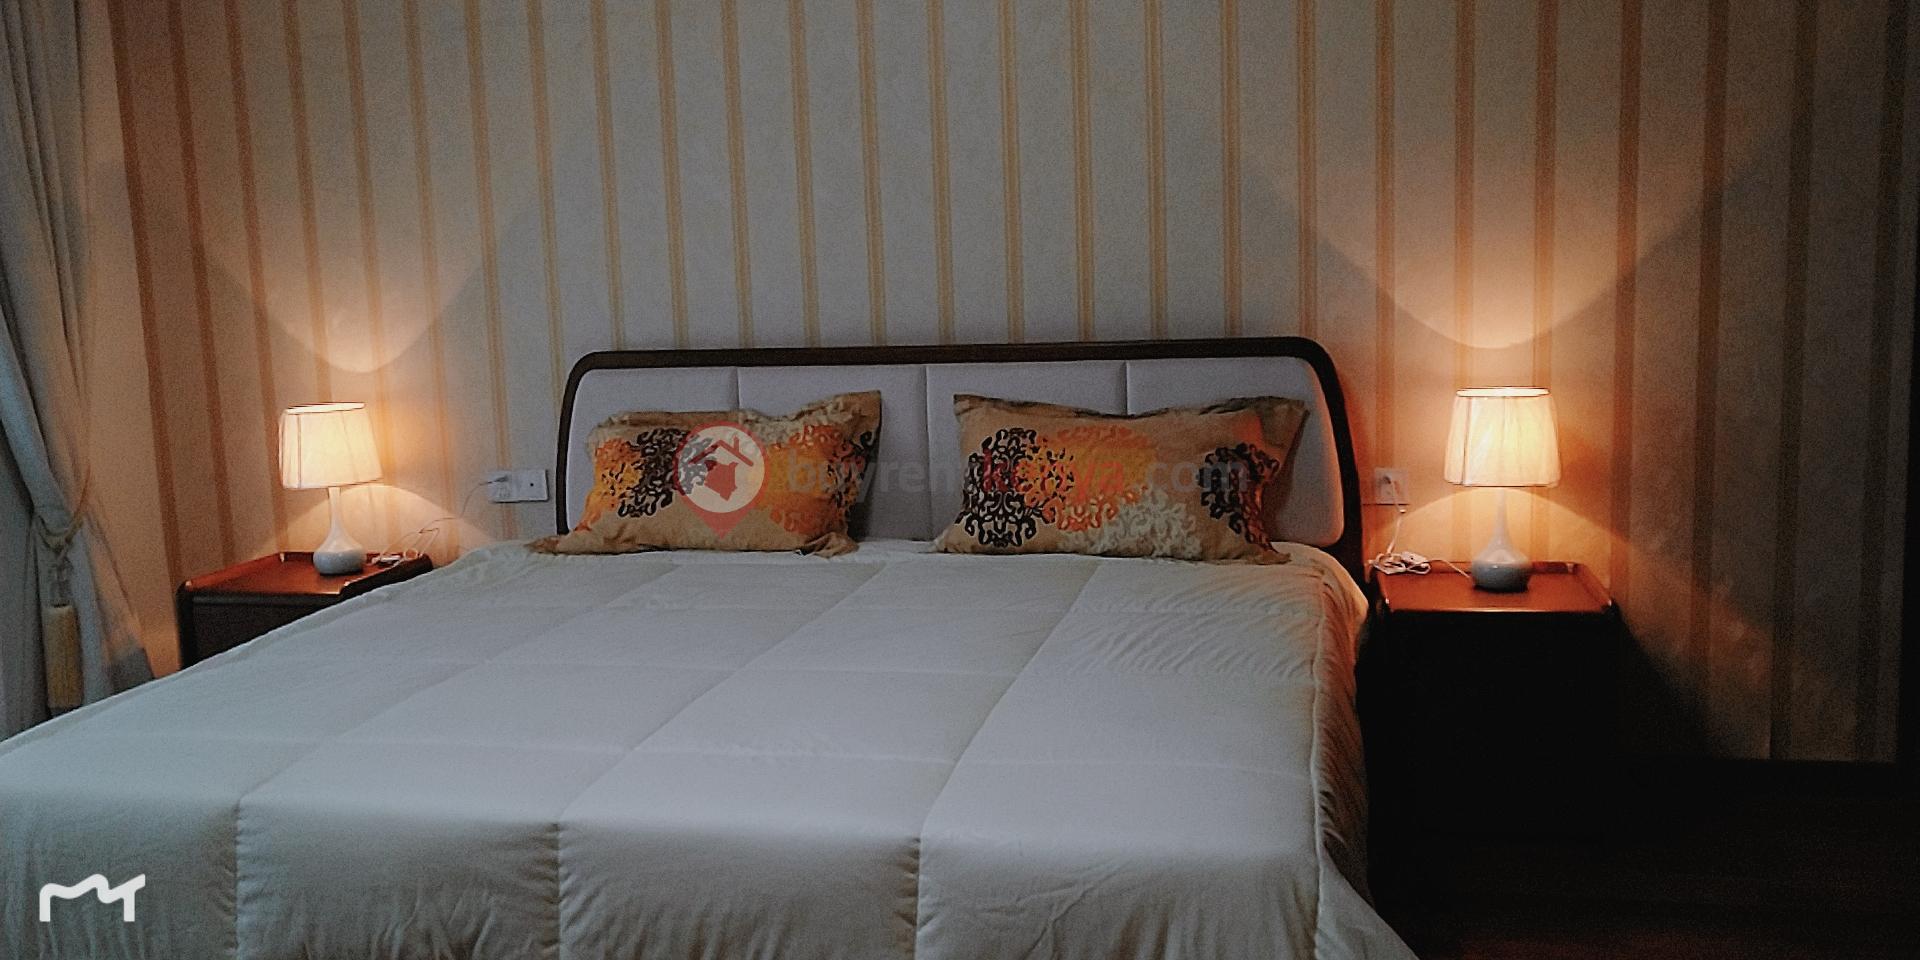 avic park furnished bedroom